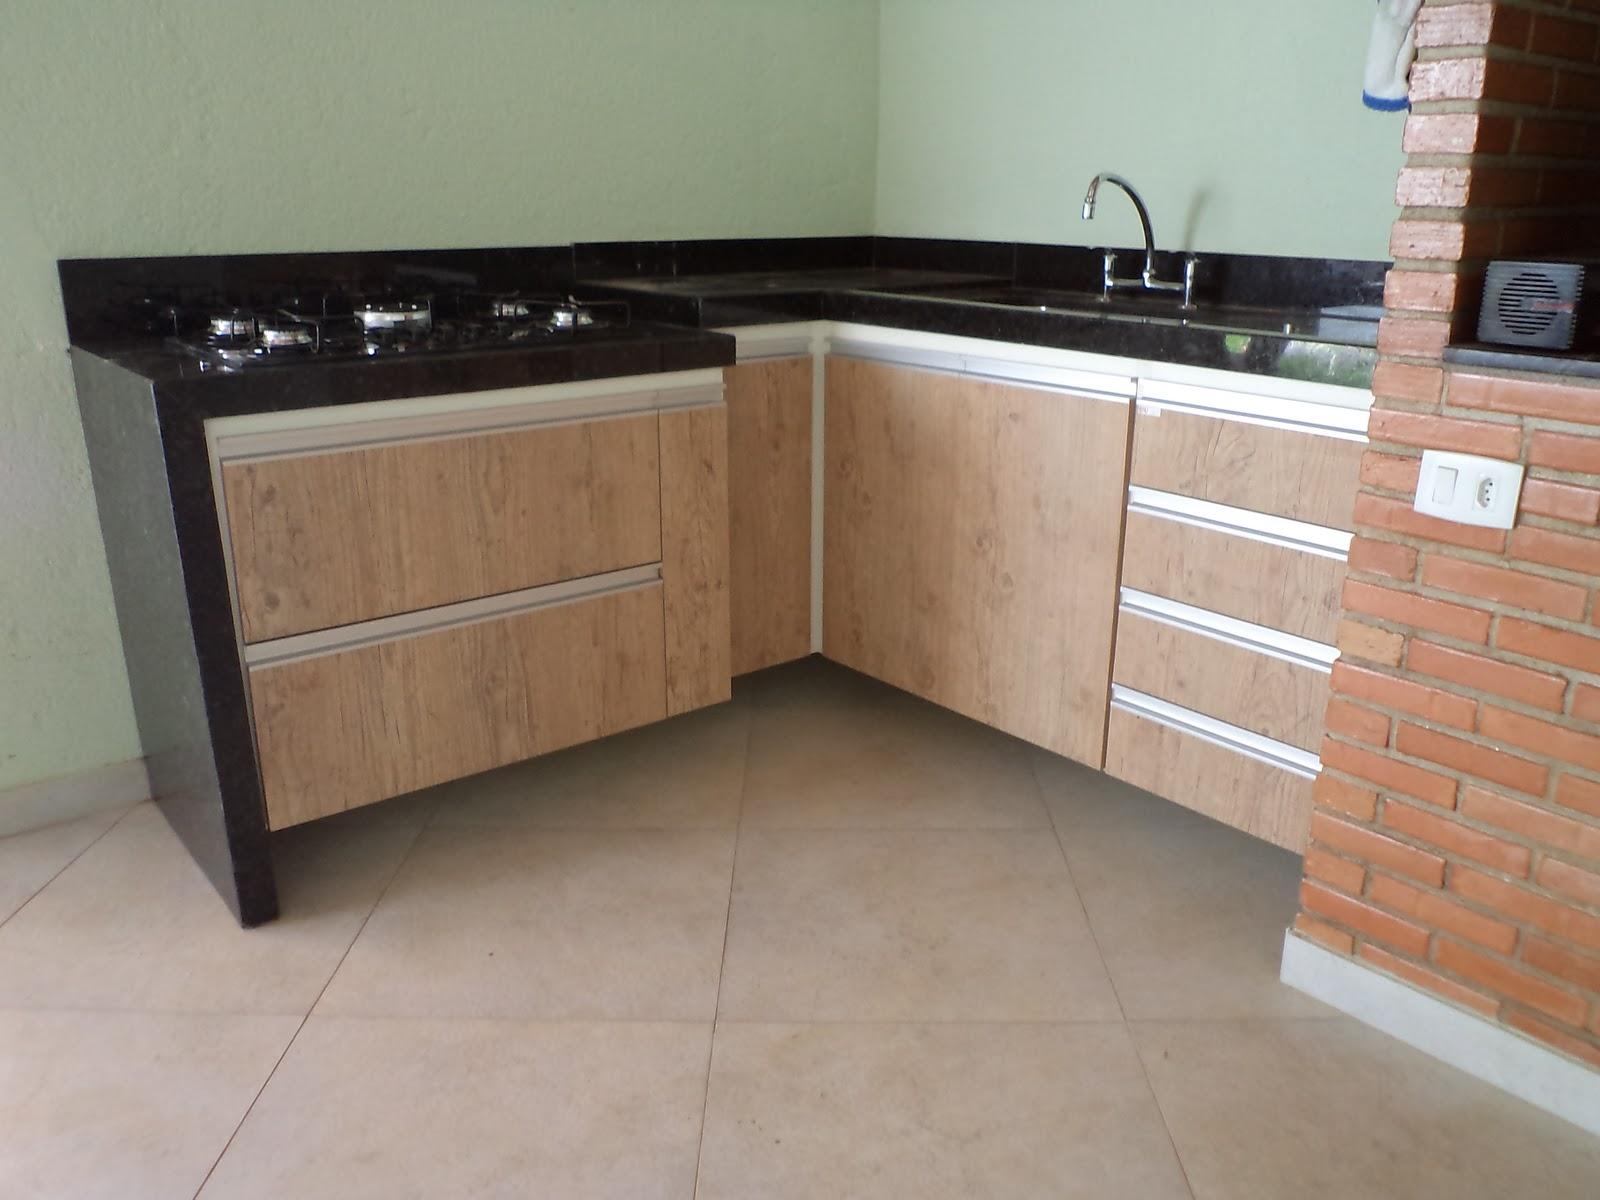 SPJ Móveis Planejados: Cozinha para área externa #8C5B3F 1600x1200